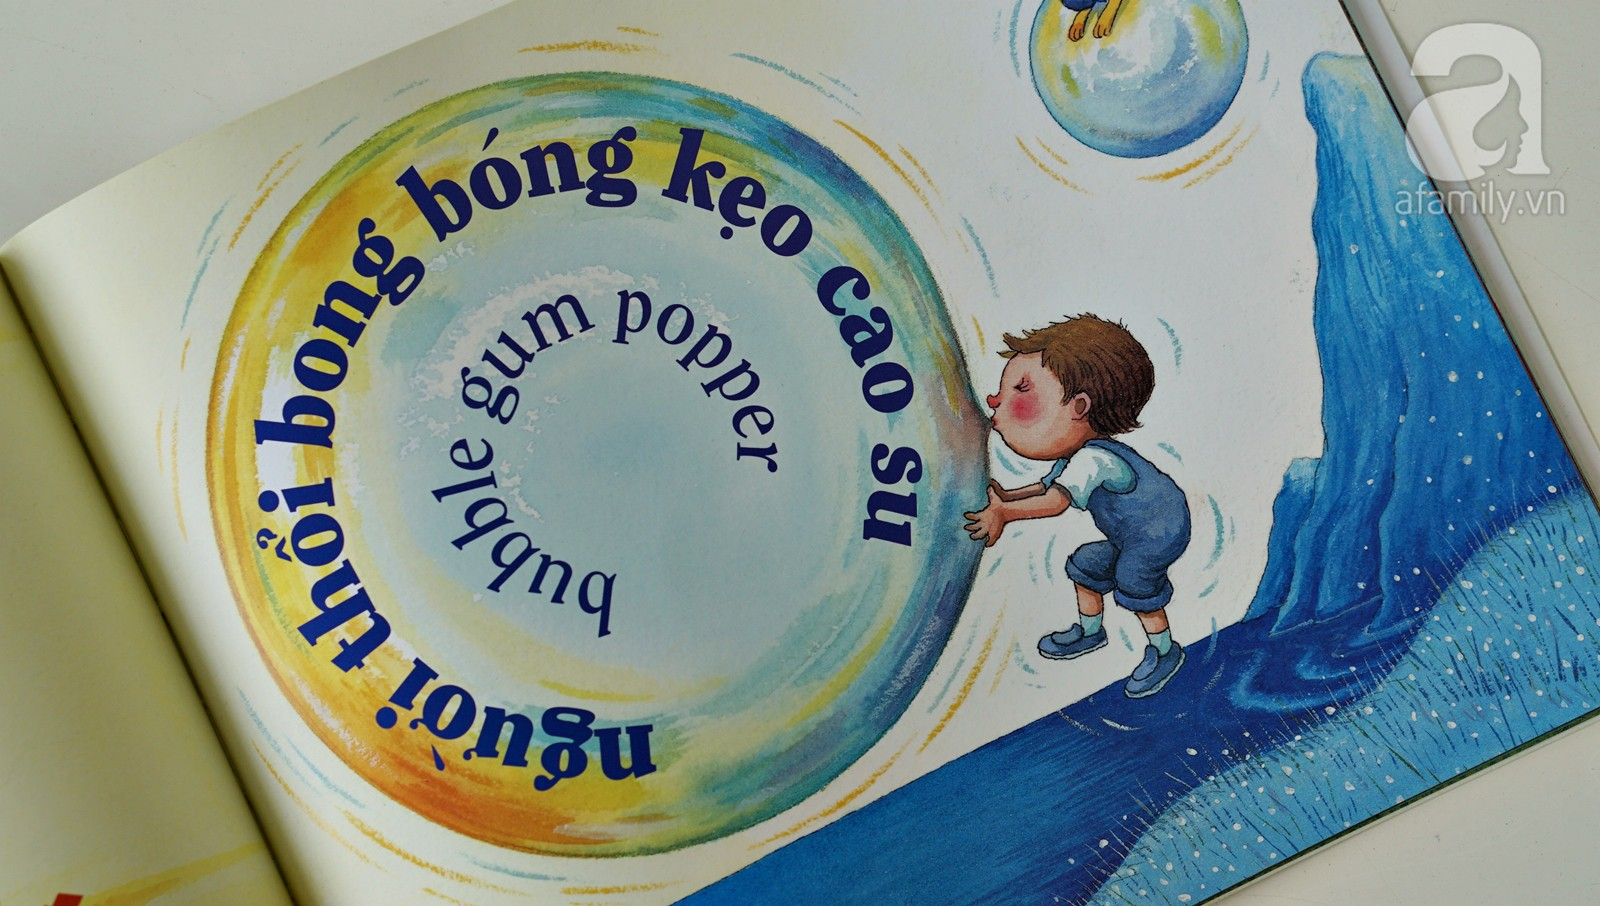 Muốn con học siêu tiếng Anh từ nhỏ, bố mẹ không thể bỏ qua những cuốn sách song ngữ này! - Ảnh 5.